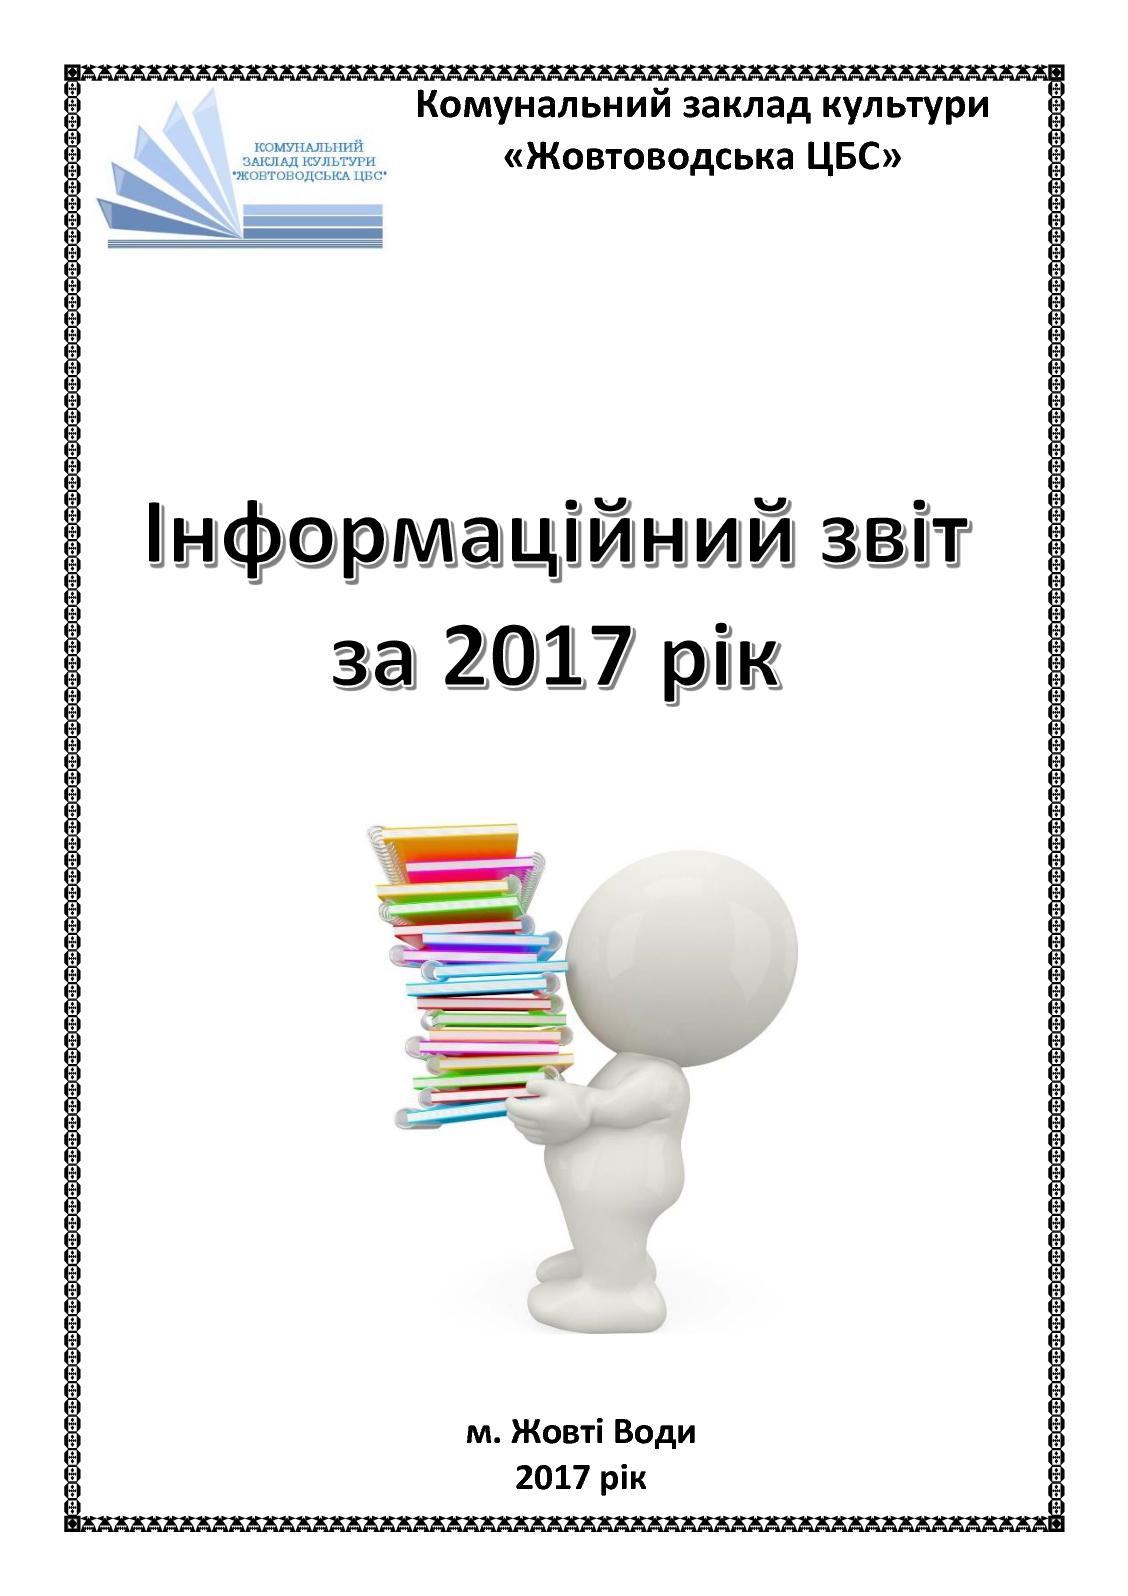 """КЗК """"Жовтоводська ЦБС"""" звіт 2017 рік"""